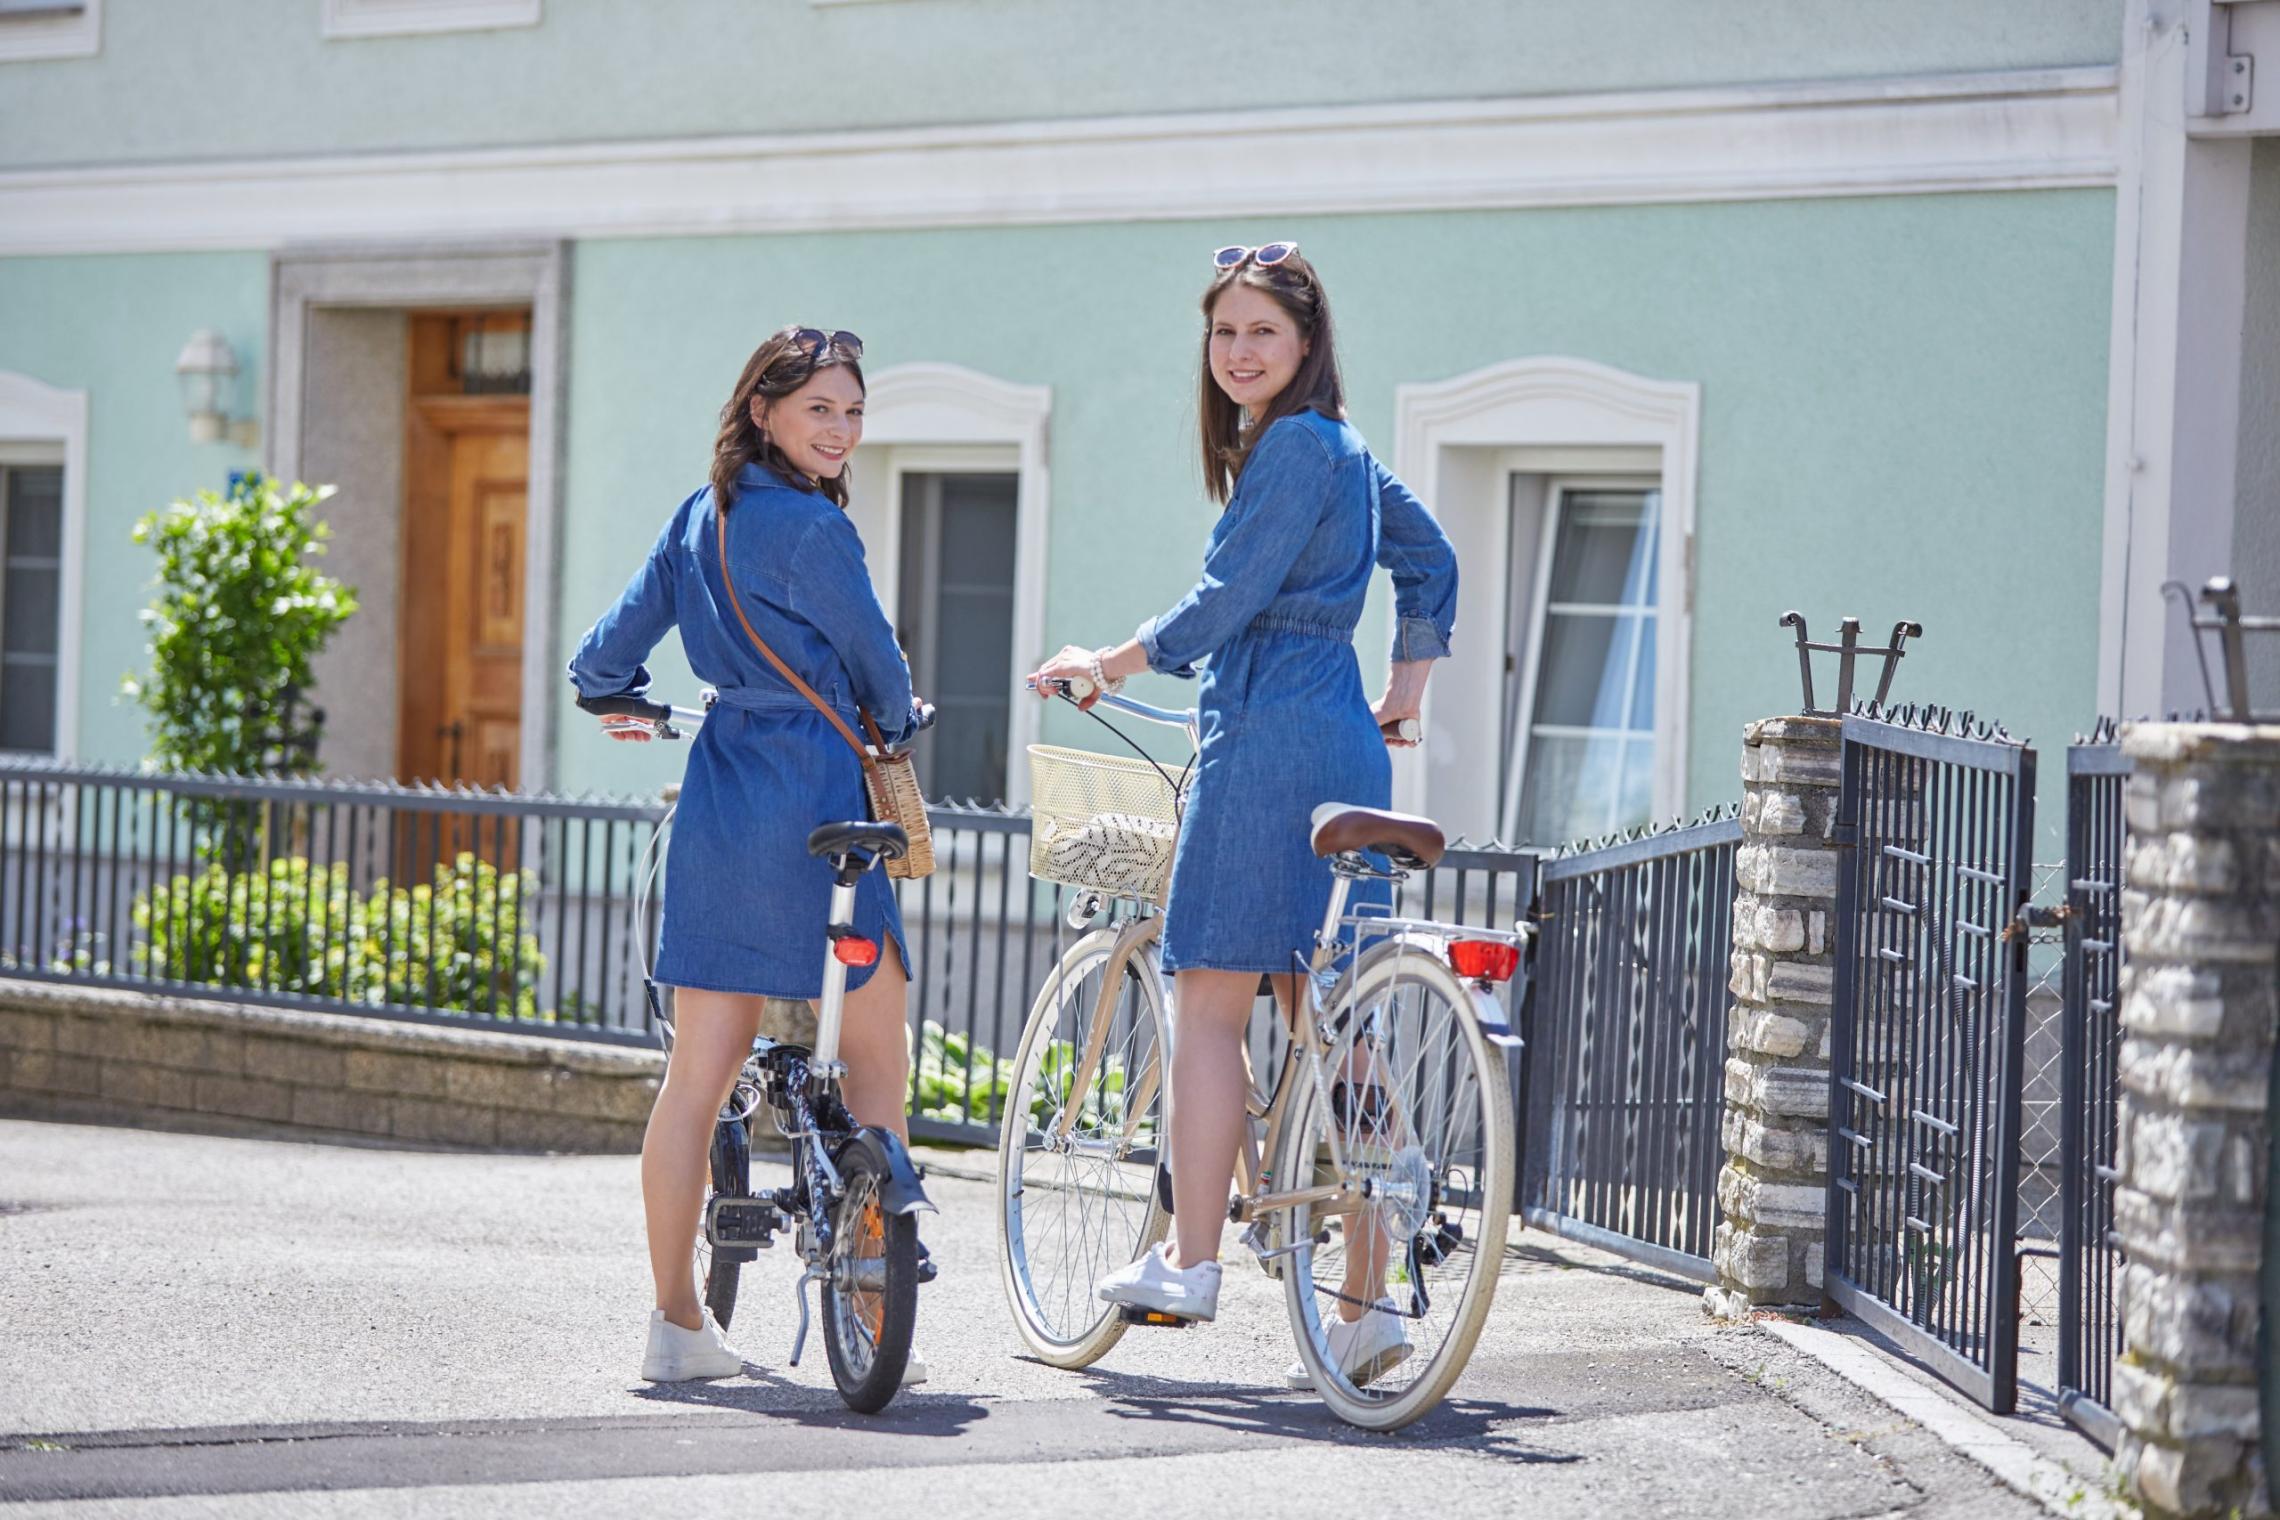 Frauen auf Fahrrädern